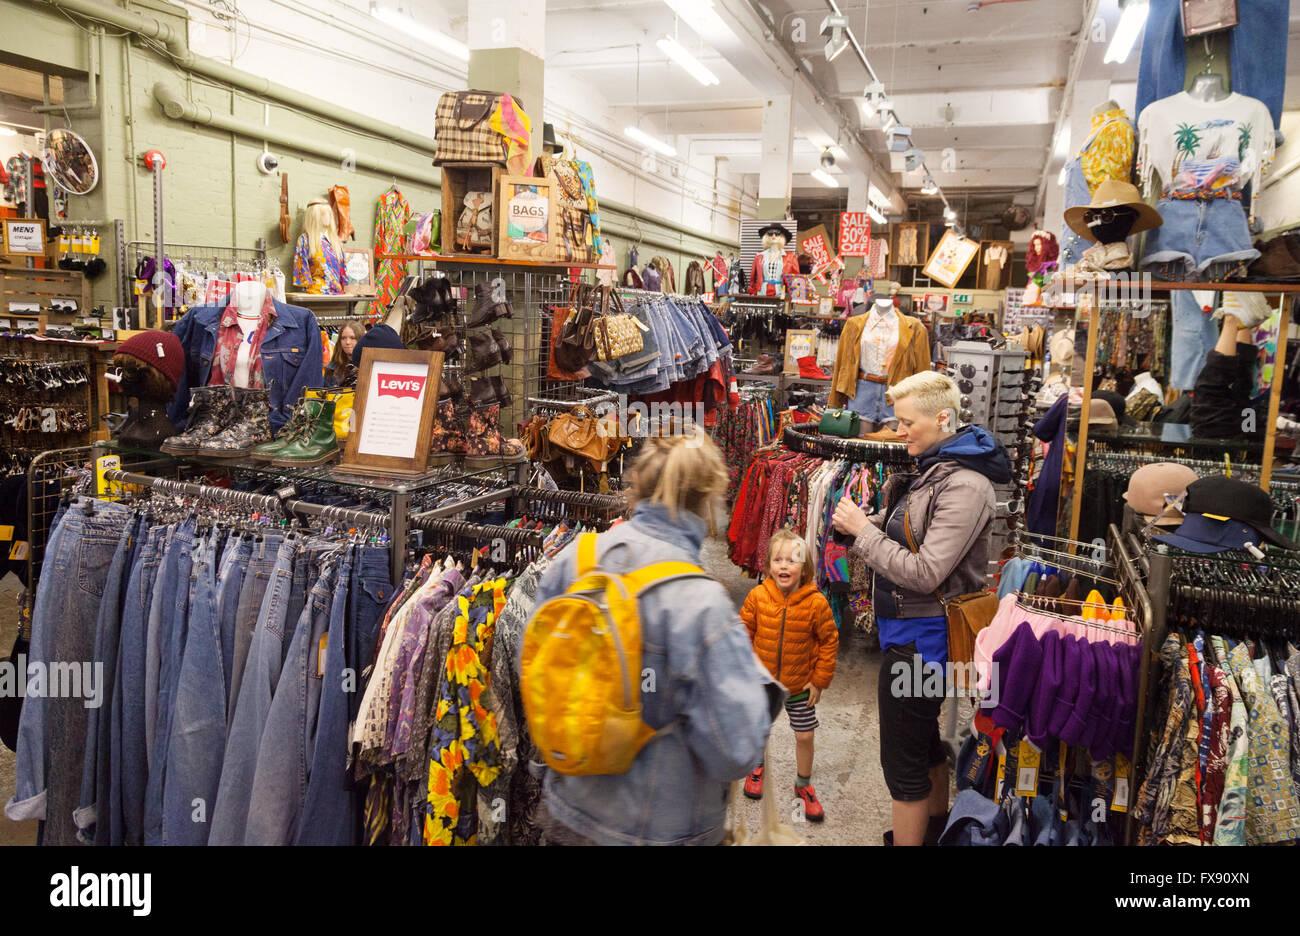 Les gens au-delà du shopping, magasin de vêtements Vêtements vintage Retro, Cheshire Street, Spitalfields, Photo Stock